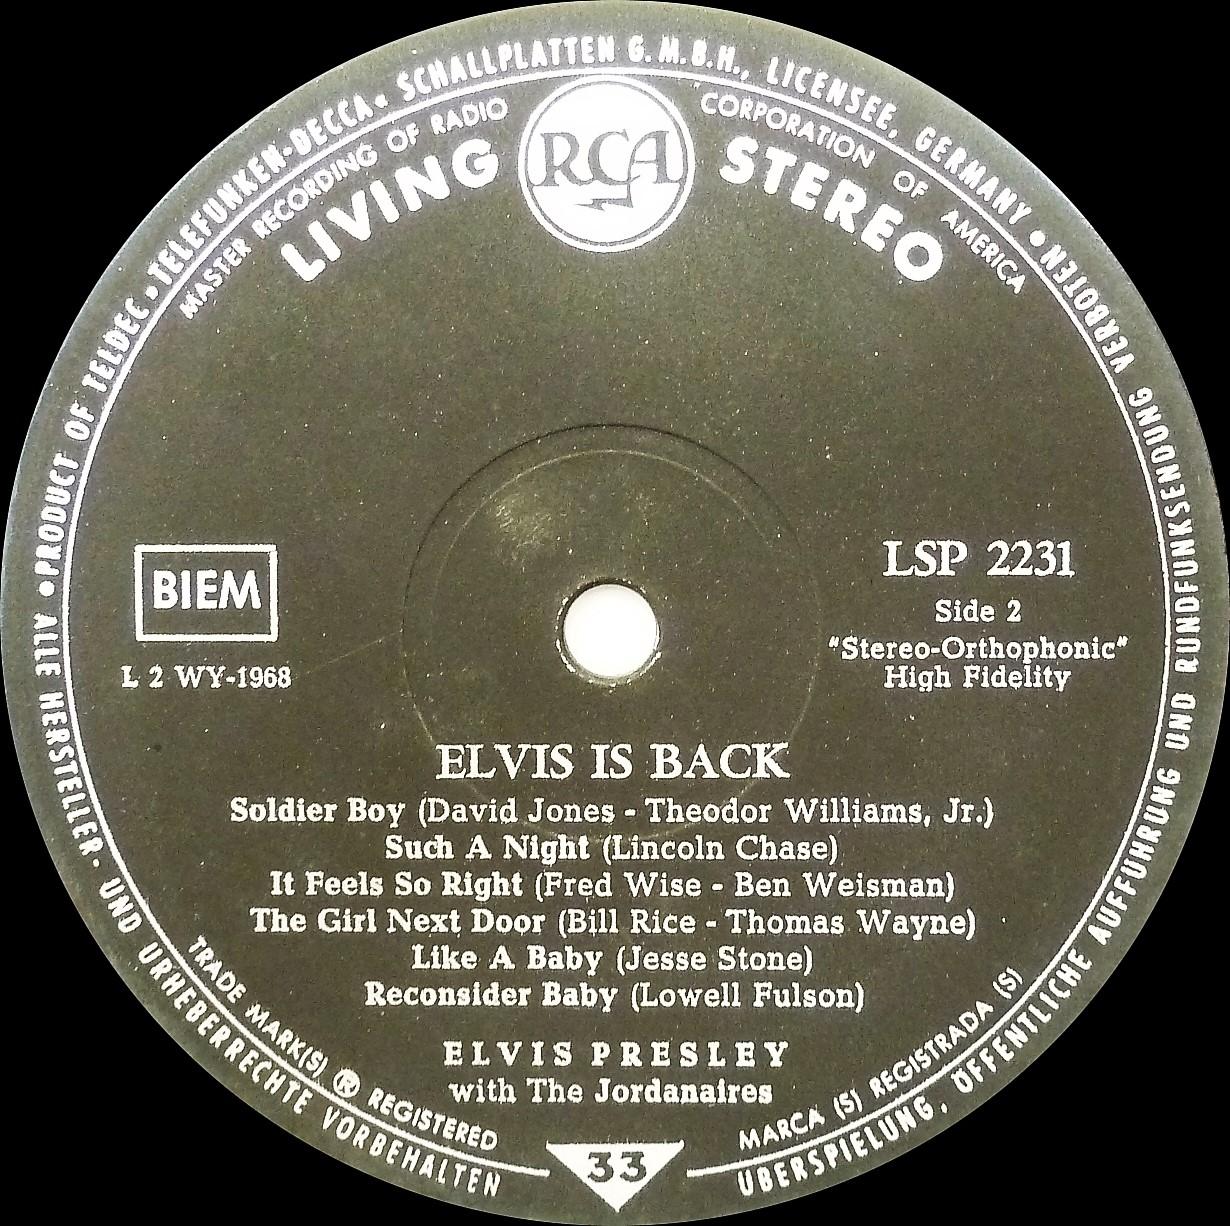 ELVIS IS BACK! Elvisisbacklsplivingslsu1a